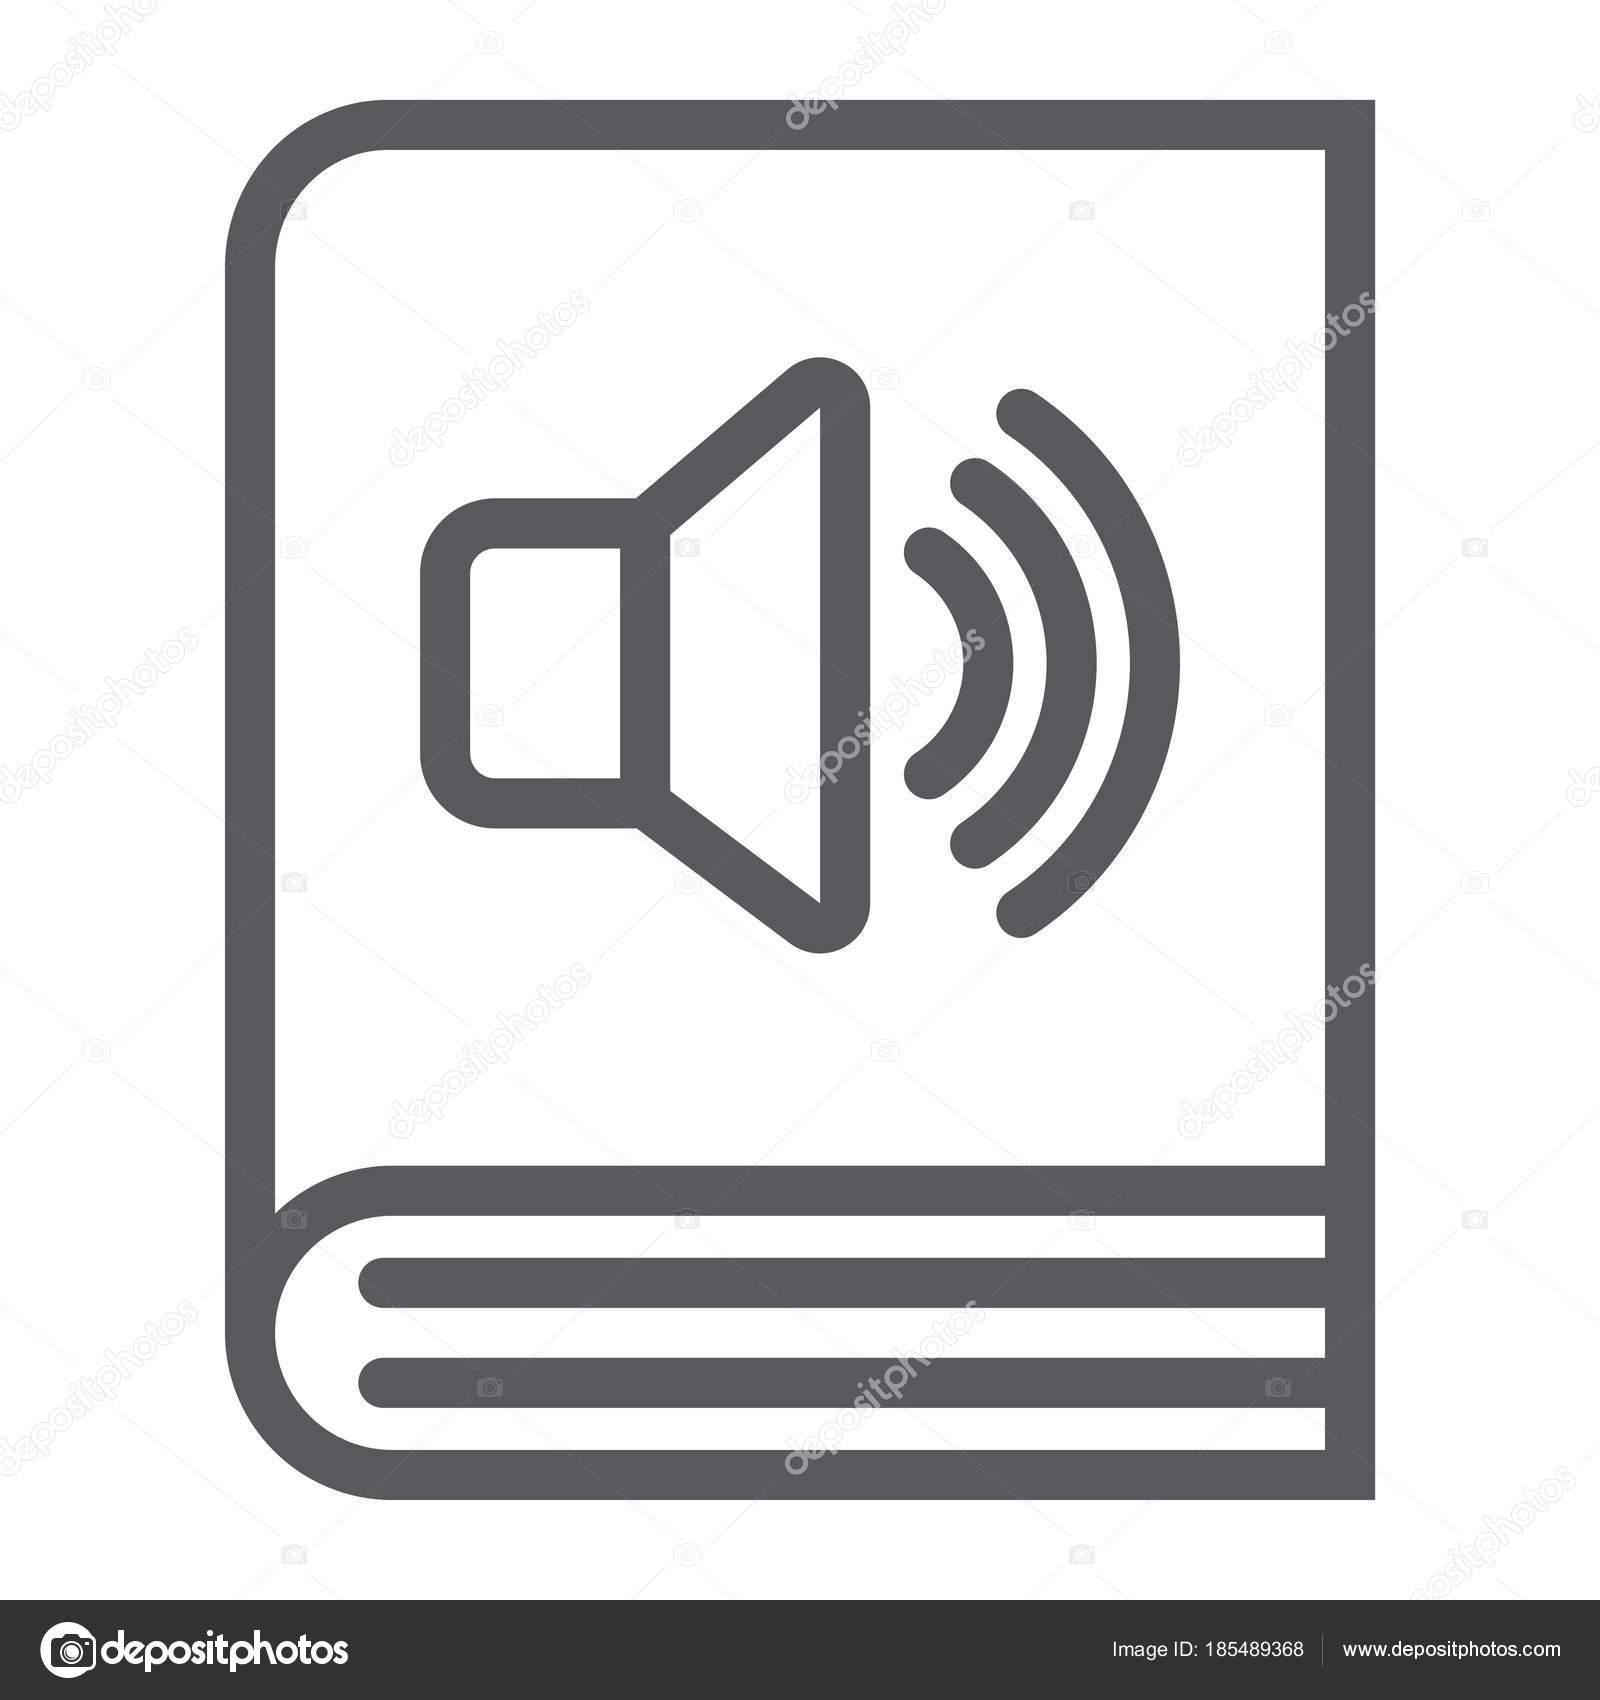 Ebook education download